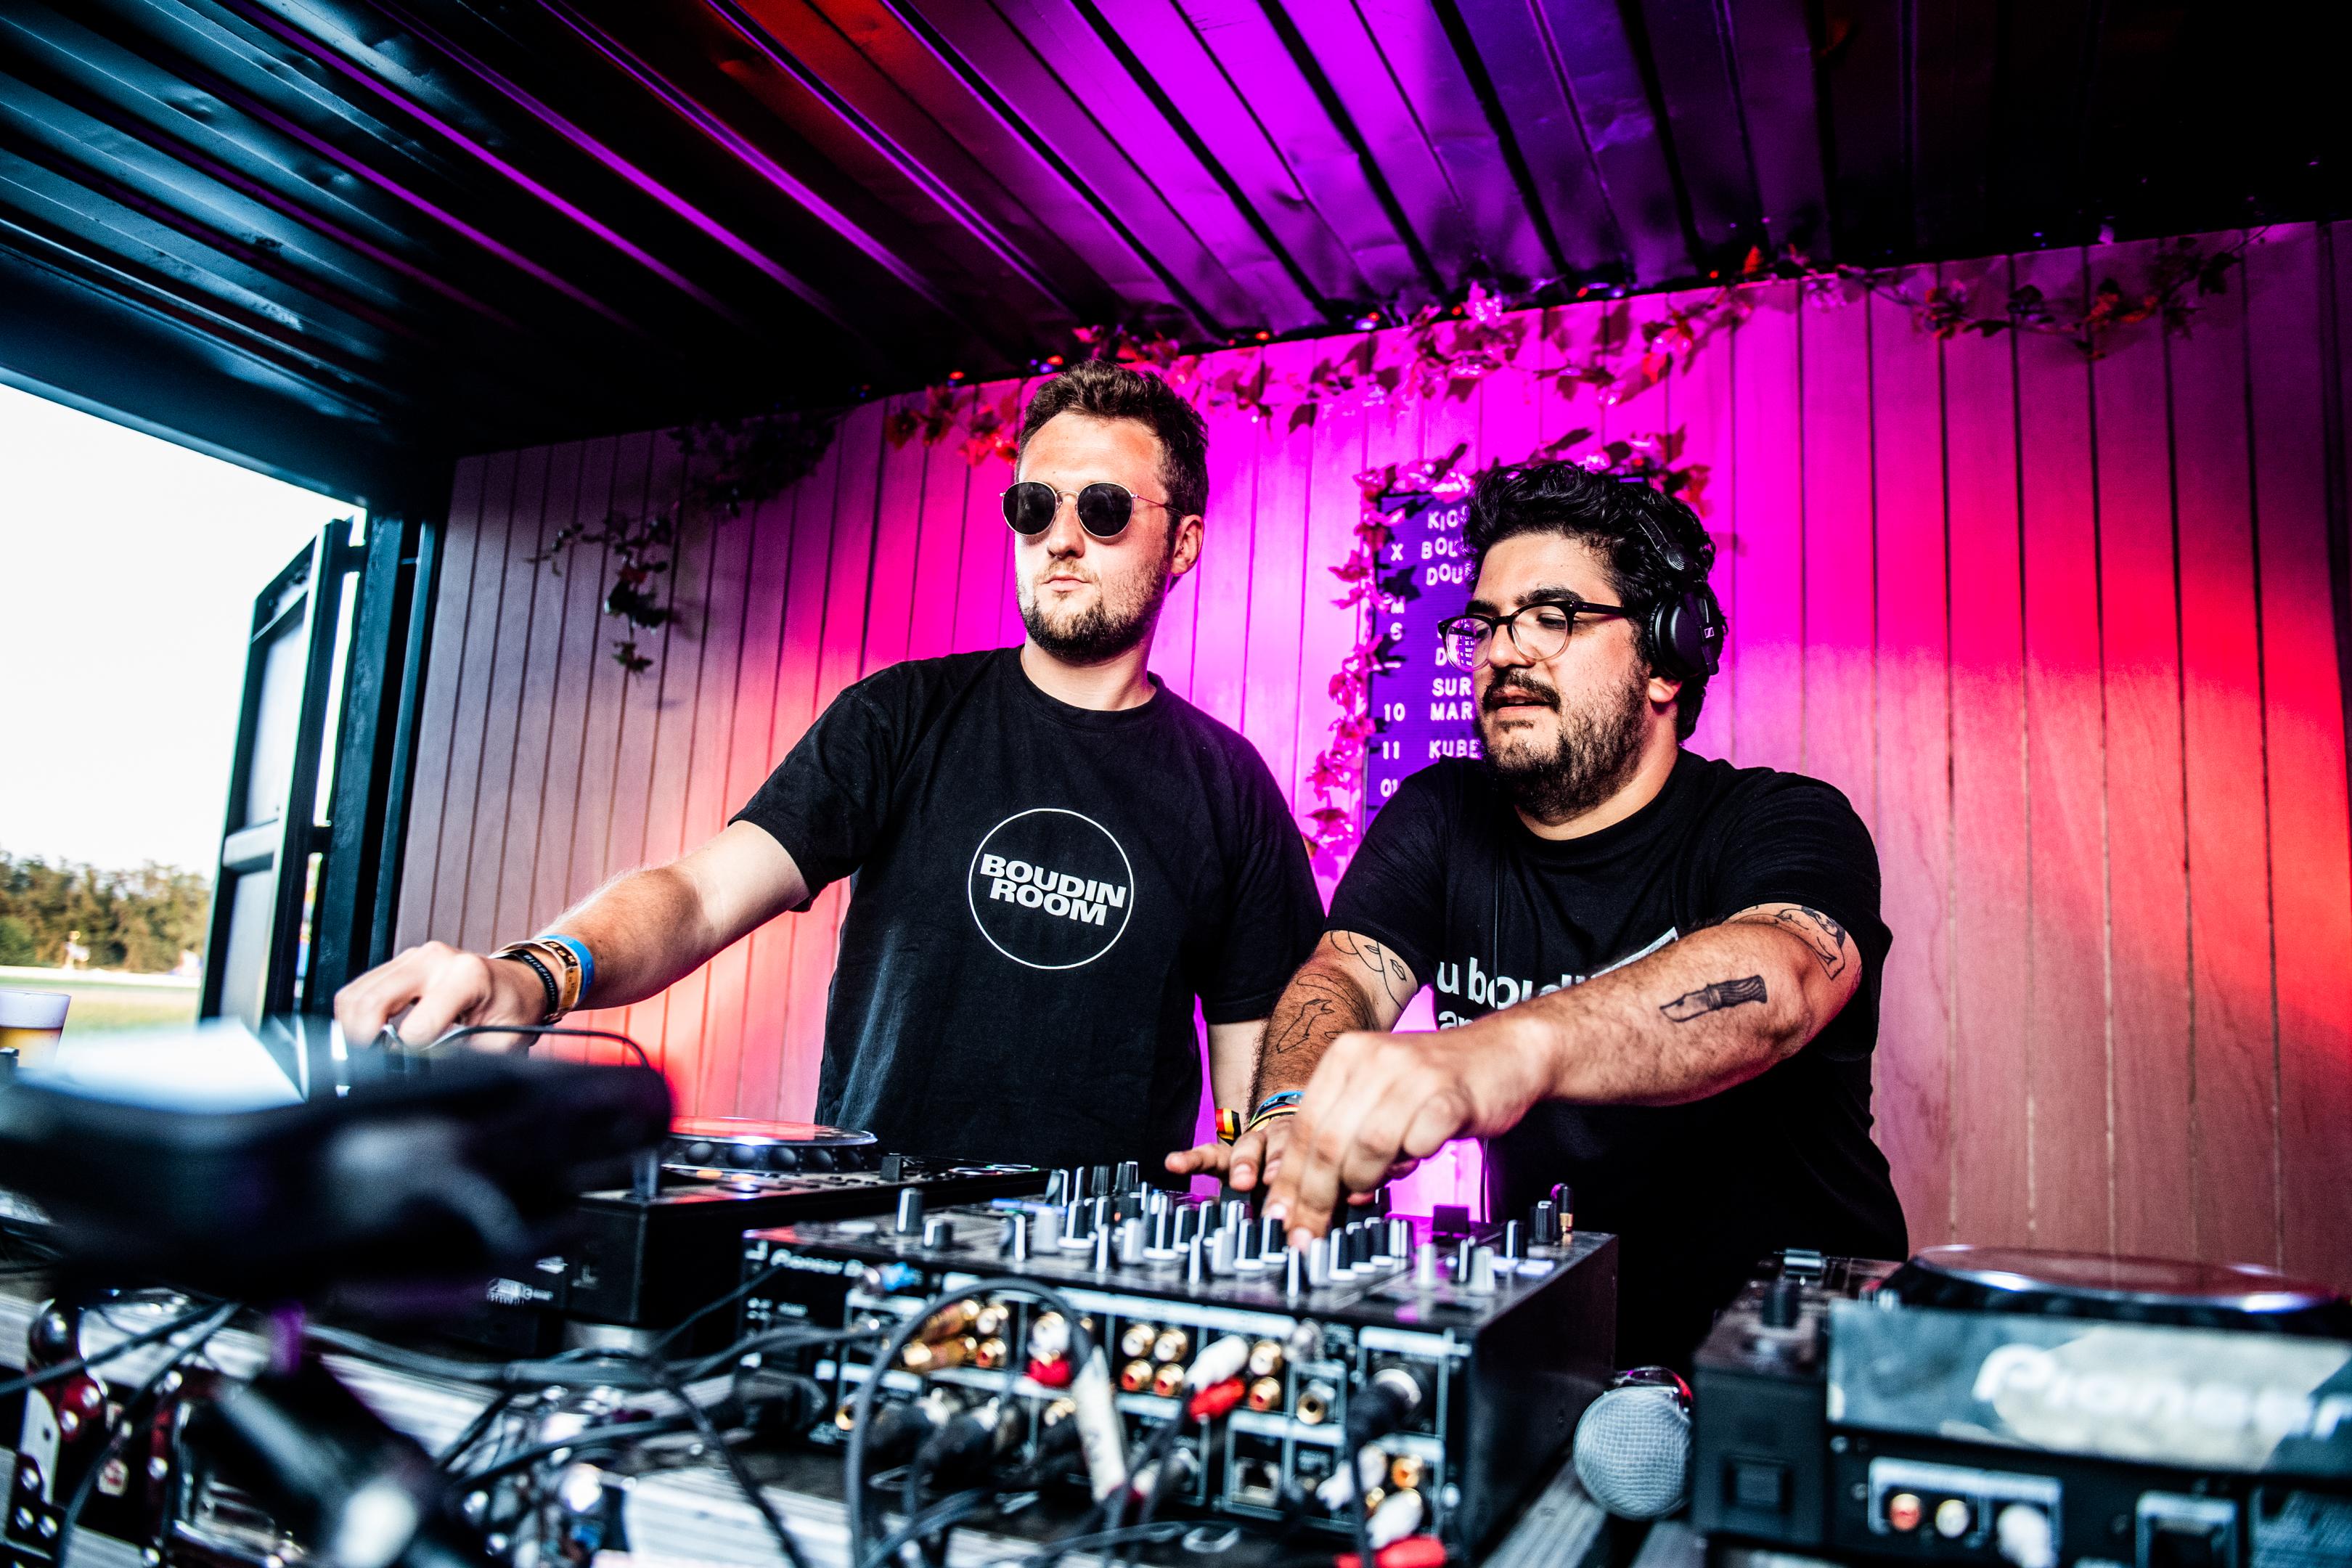 DOUR, Festival De Dour DC Salas DJ Boudin Room. GOLINVAUX MATHIEU./LESOIR